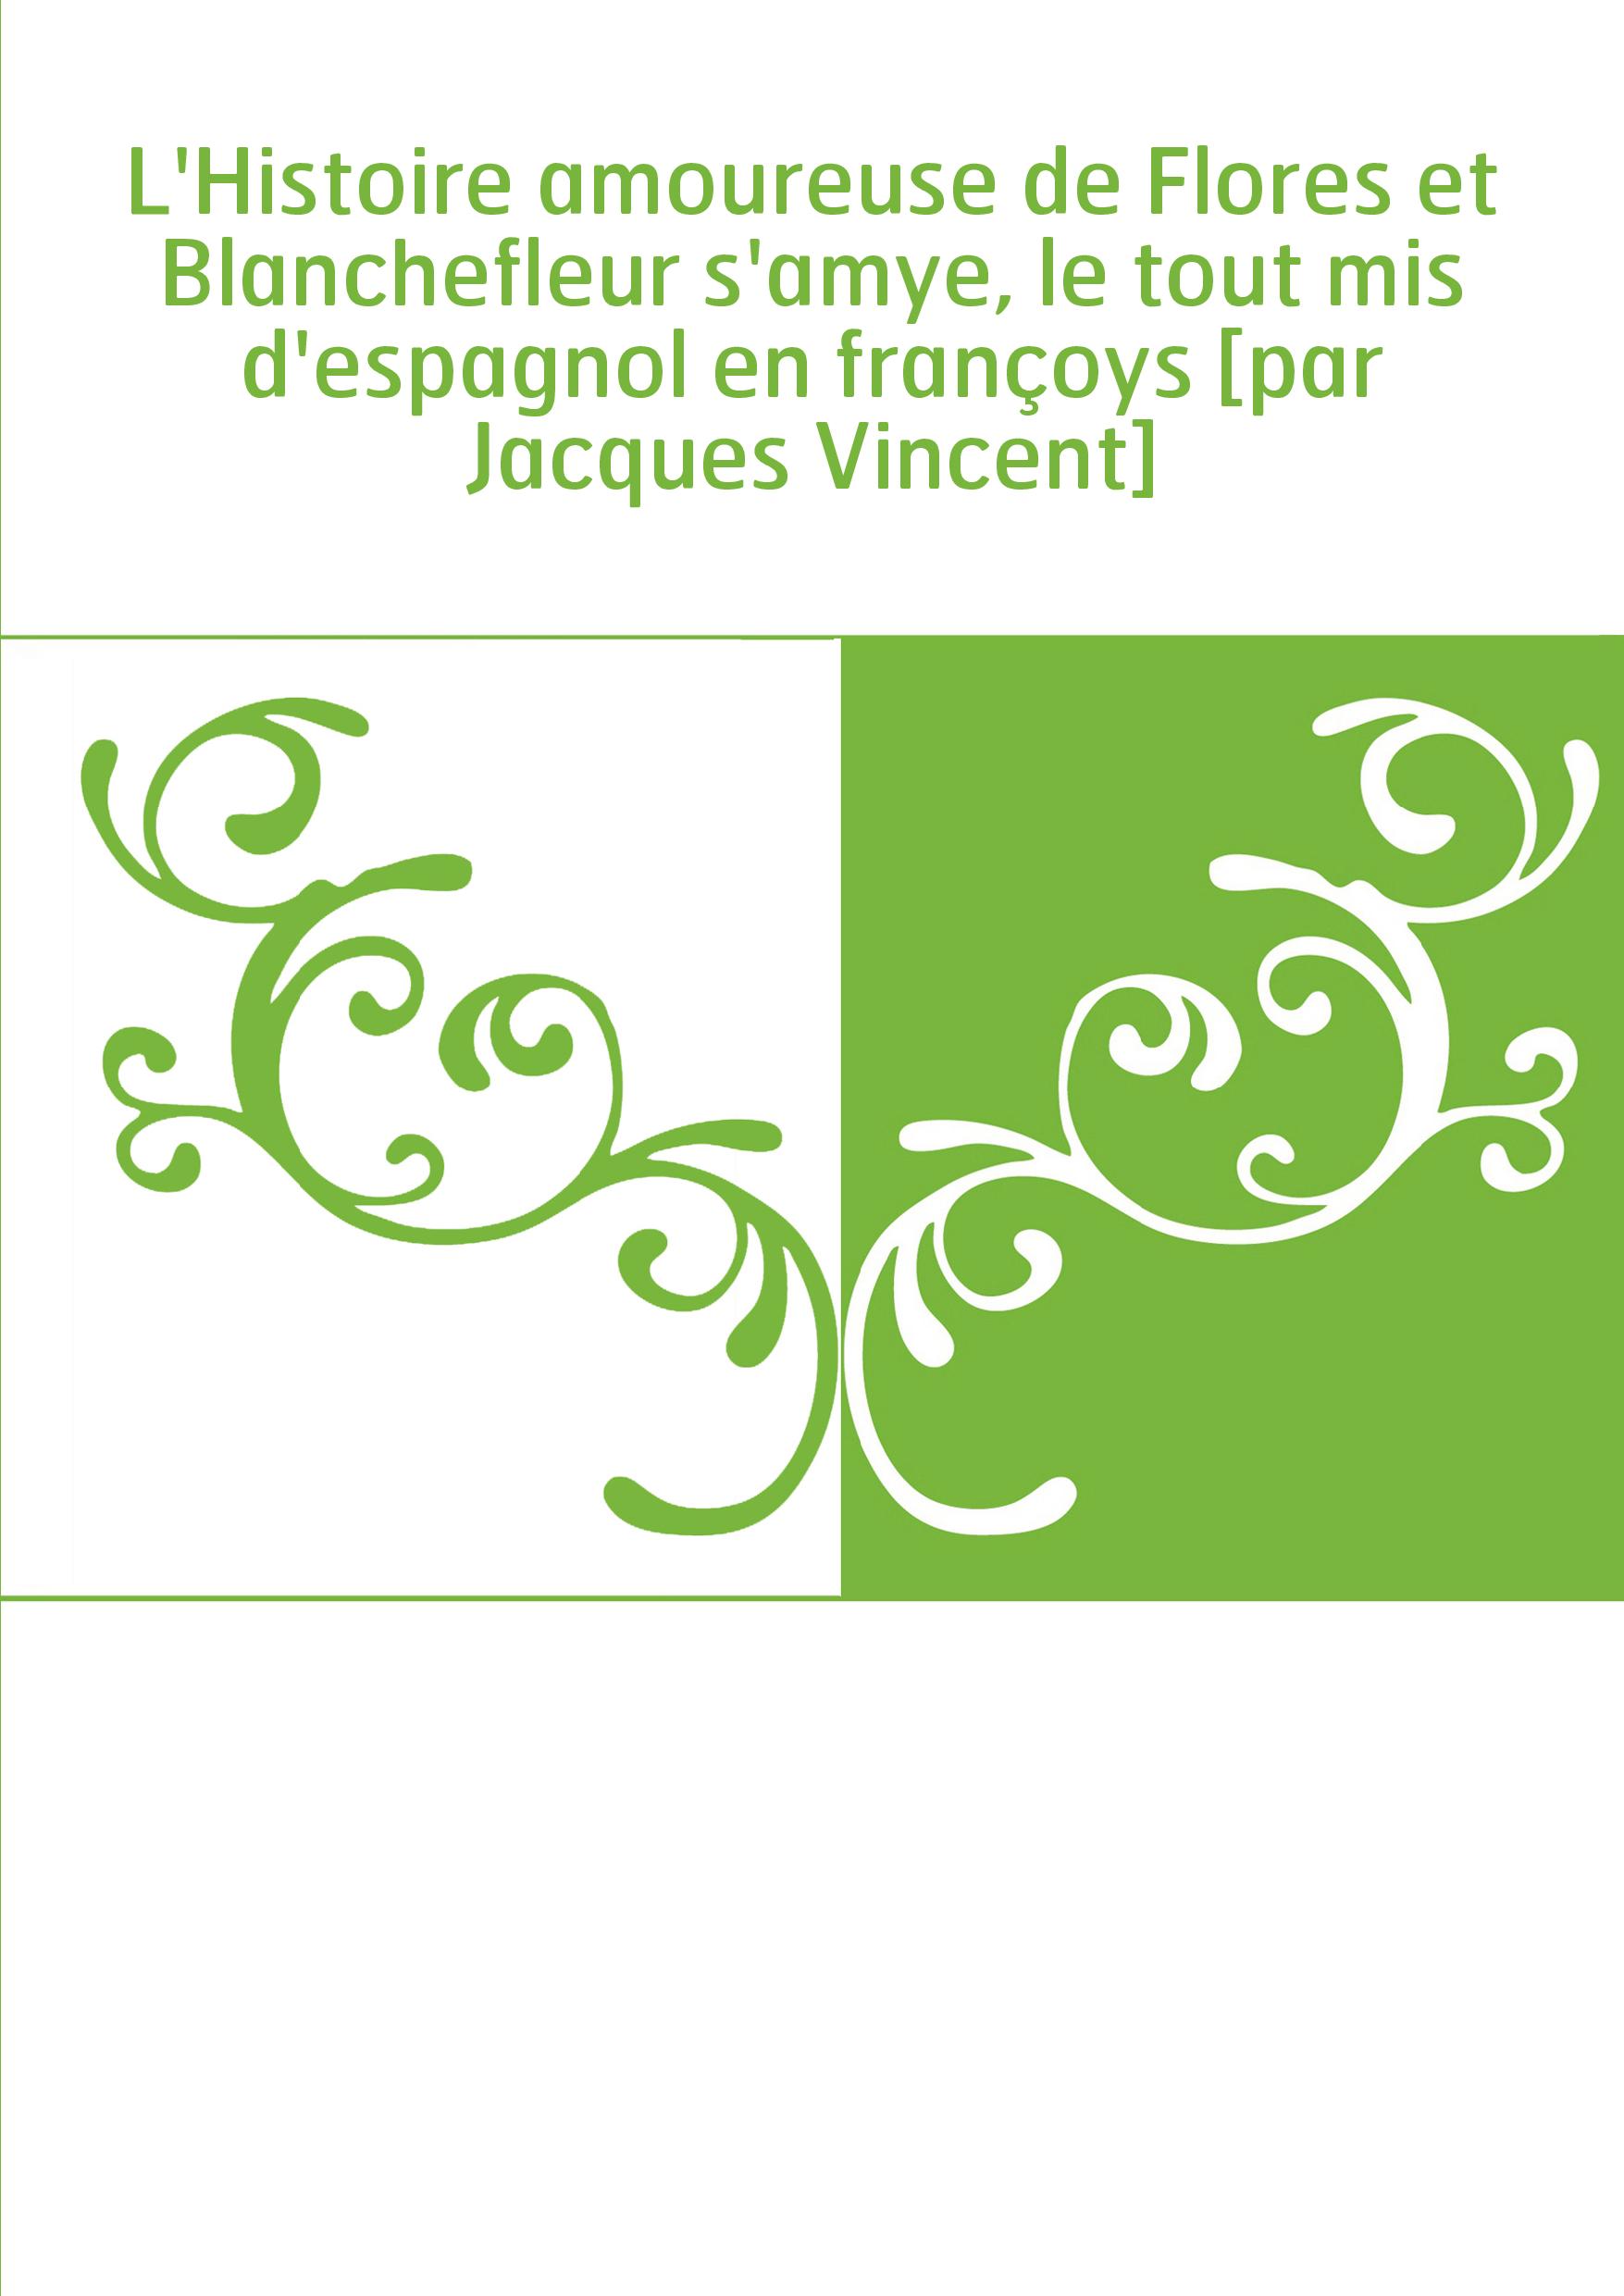 L'Histoire amoureuse de Flores et Blanchefleur s'amye, le tout mis d'espagnol en françoys [par Jacques Vincent]